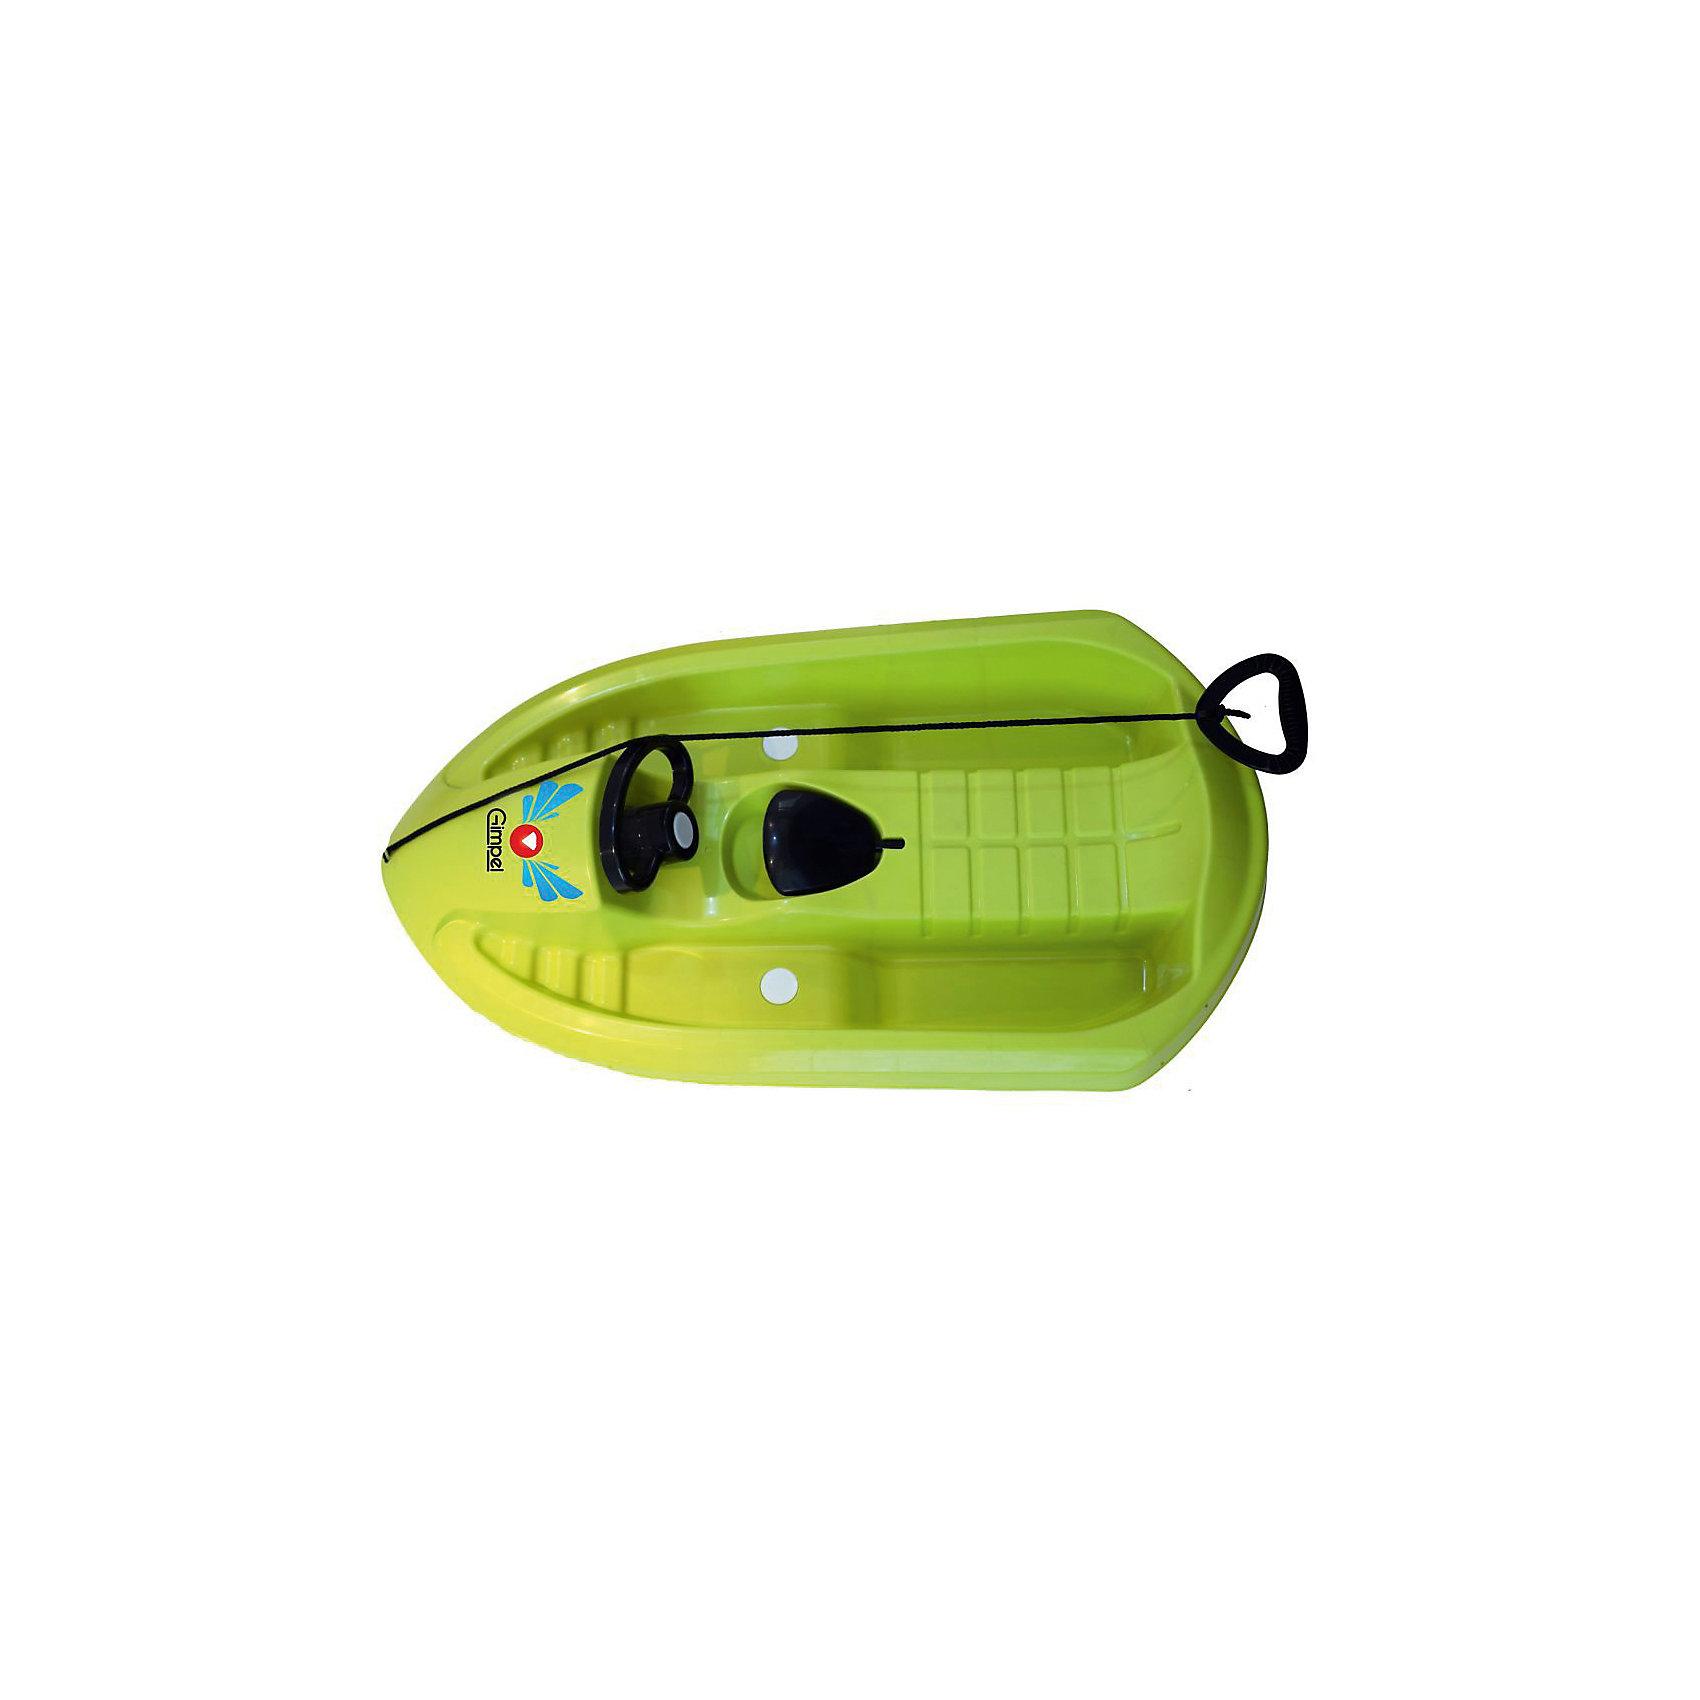 Санки Gimpel, зеленый, HubsterСанки и снегокаты<br>Санки Gimpel, зеленый, Hubster.<br><br>Характеристики:<br><br>- Максимальный вес: 55 кг.<br>- Материал: морозостойкий HDPE пластик<br>- Цвет: зеленый<br>- Длина: 95 см.<br>- Вес: 2,5 кг.<br><br>Управляемые санки Gimpel Hubster стилизованы под снежный катер. Санки выполнены из высококачественного пластика повышенной износостойкости, обладающего ударопрочностью и морозостойкостью. Аэродинамическая форма позволяет развивать большую скорость, при этом, сохраняя устойчивость. Поворотный руль и скрытые лыжи обеспечивают прекрасную маневренность. Кроме того, санки оснащены ручным тормозом и буксировочным тросом с удобной ручкой. Такие санки станут прекрасным подарком Вашему ребенку и позволят насладиться каждой зимней прогулкой.<br><br>Санки Gimpel, зеленые, Hubster можно купить в нашем интернет-магазине.<br><br>Ширина мм: 950<br>Глубина мм: 500<br>Высота мм: 220<br>Вес г: 3300<br>Возраст от месяцев: 36<br>Возраст до месяцев: 144<br>Пол: Унисекс<br>Возраст: Детский<br>SKU: 5329966